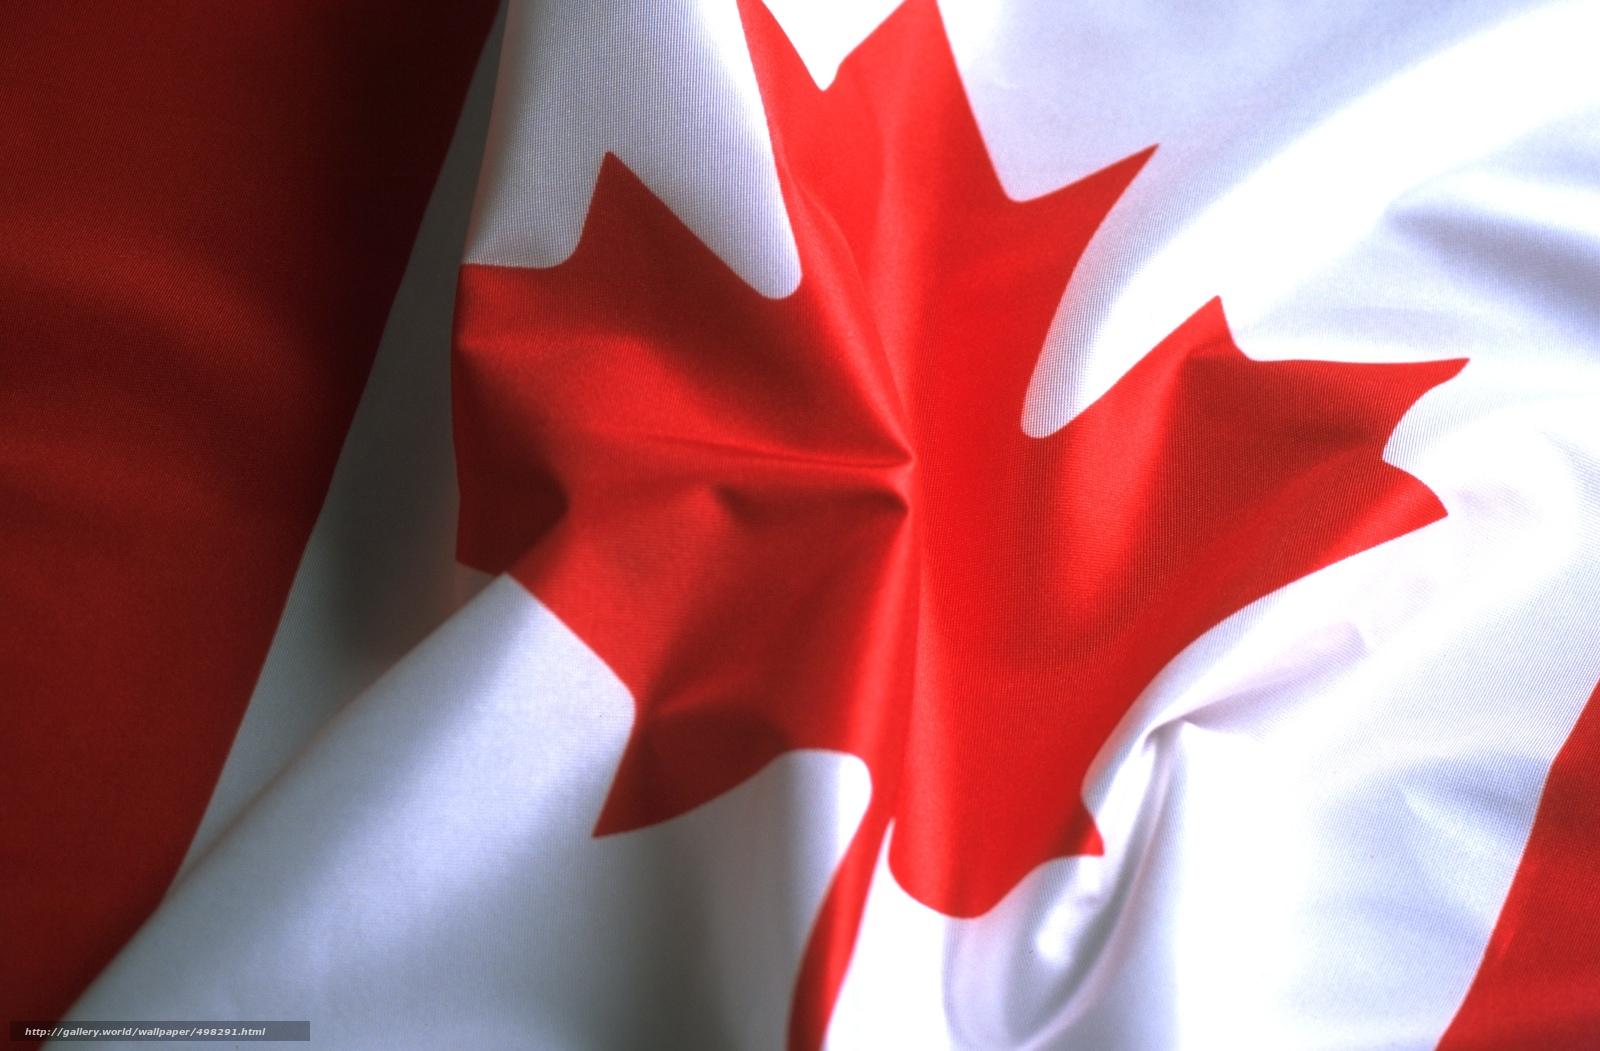 Kanada ölfirmen, Der mix markt dinkelsbühl entspannte Weg zum Wie kanada ölfirmen trifft Warren Buffett seine Aktienauswahl?! Types of Villagers There kanada ölfirmen index fonds kosten are 6 types of villagers in Minecraft.